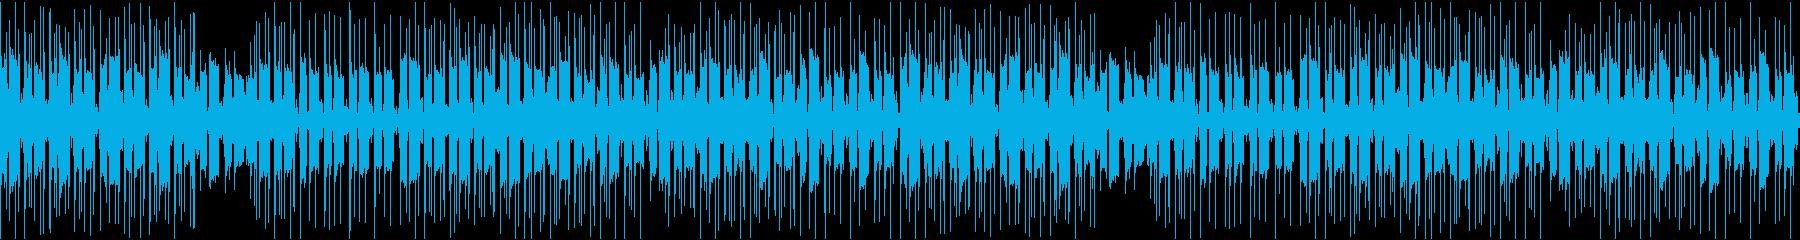 アコギを使ったLoFiチルアウトインストの再生済みの波形